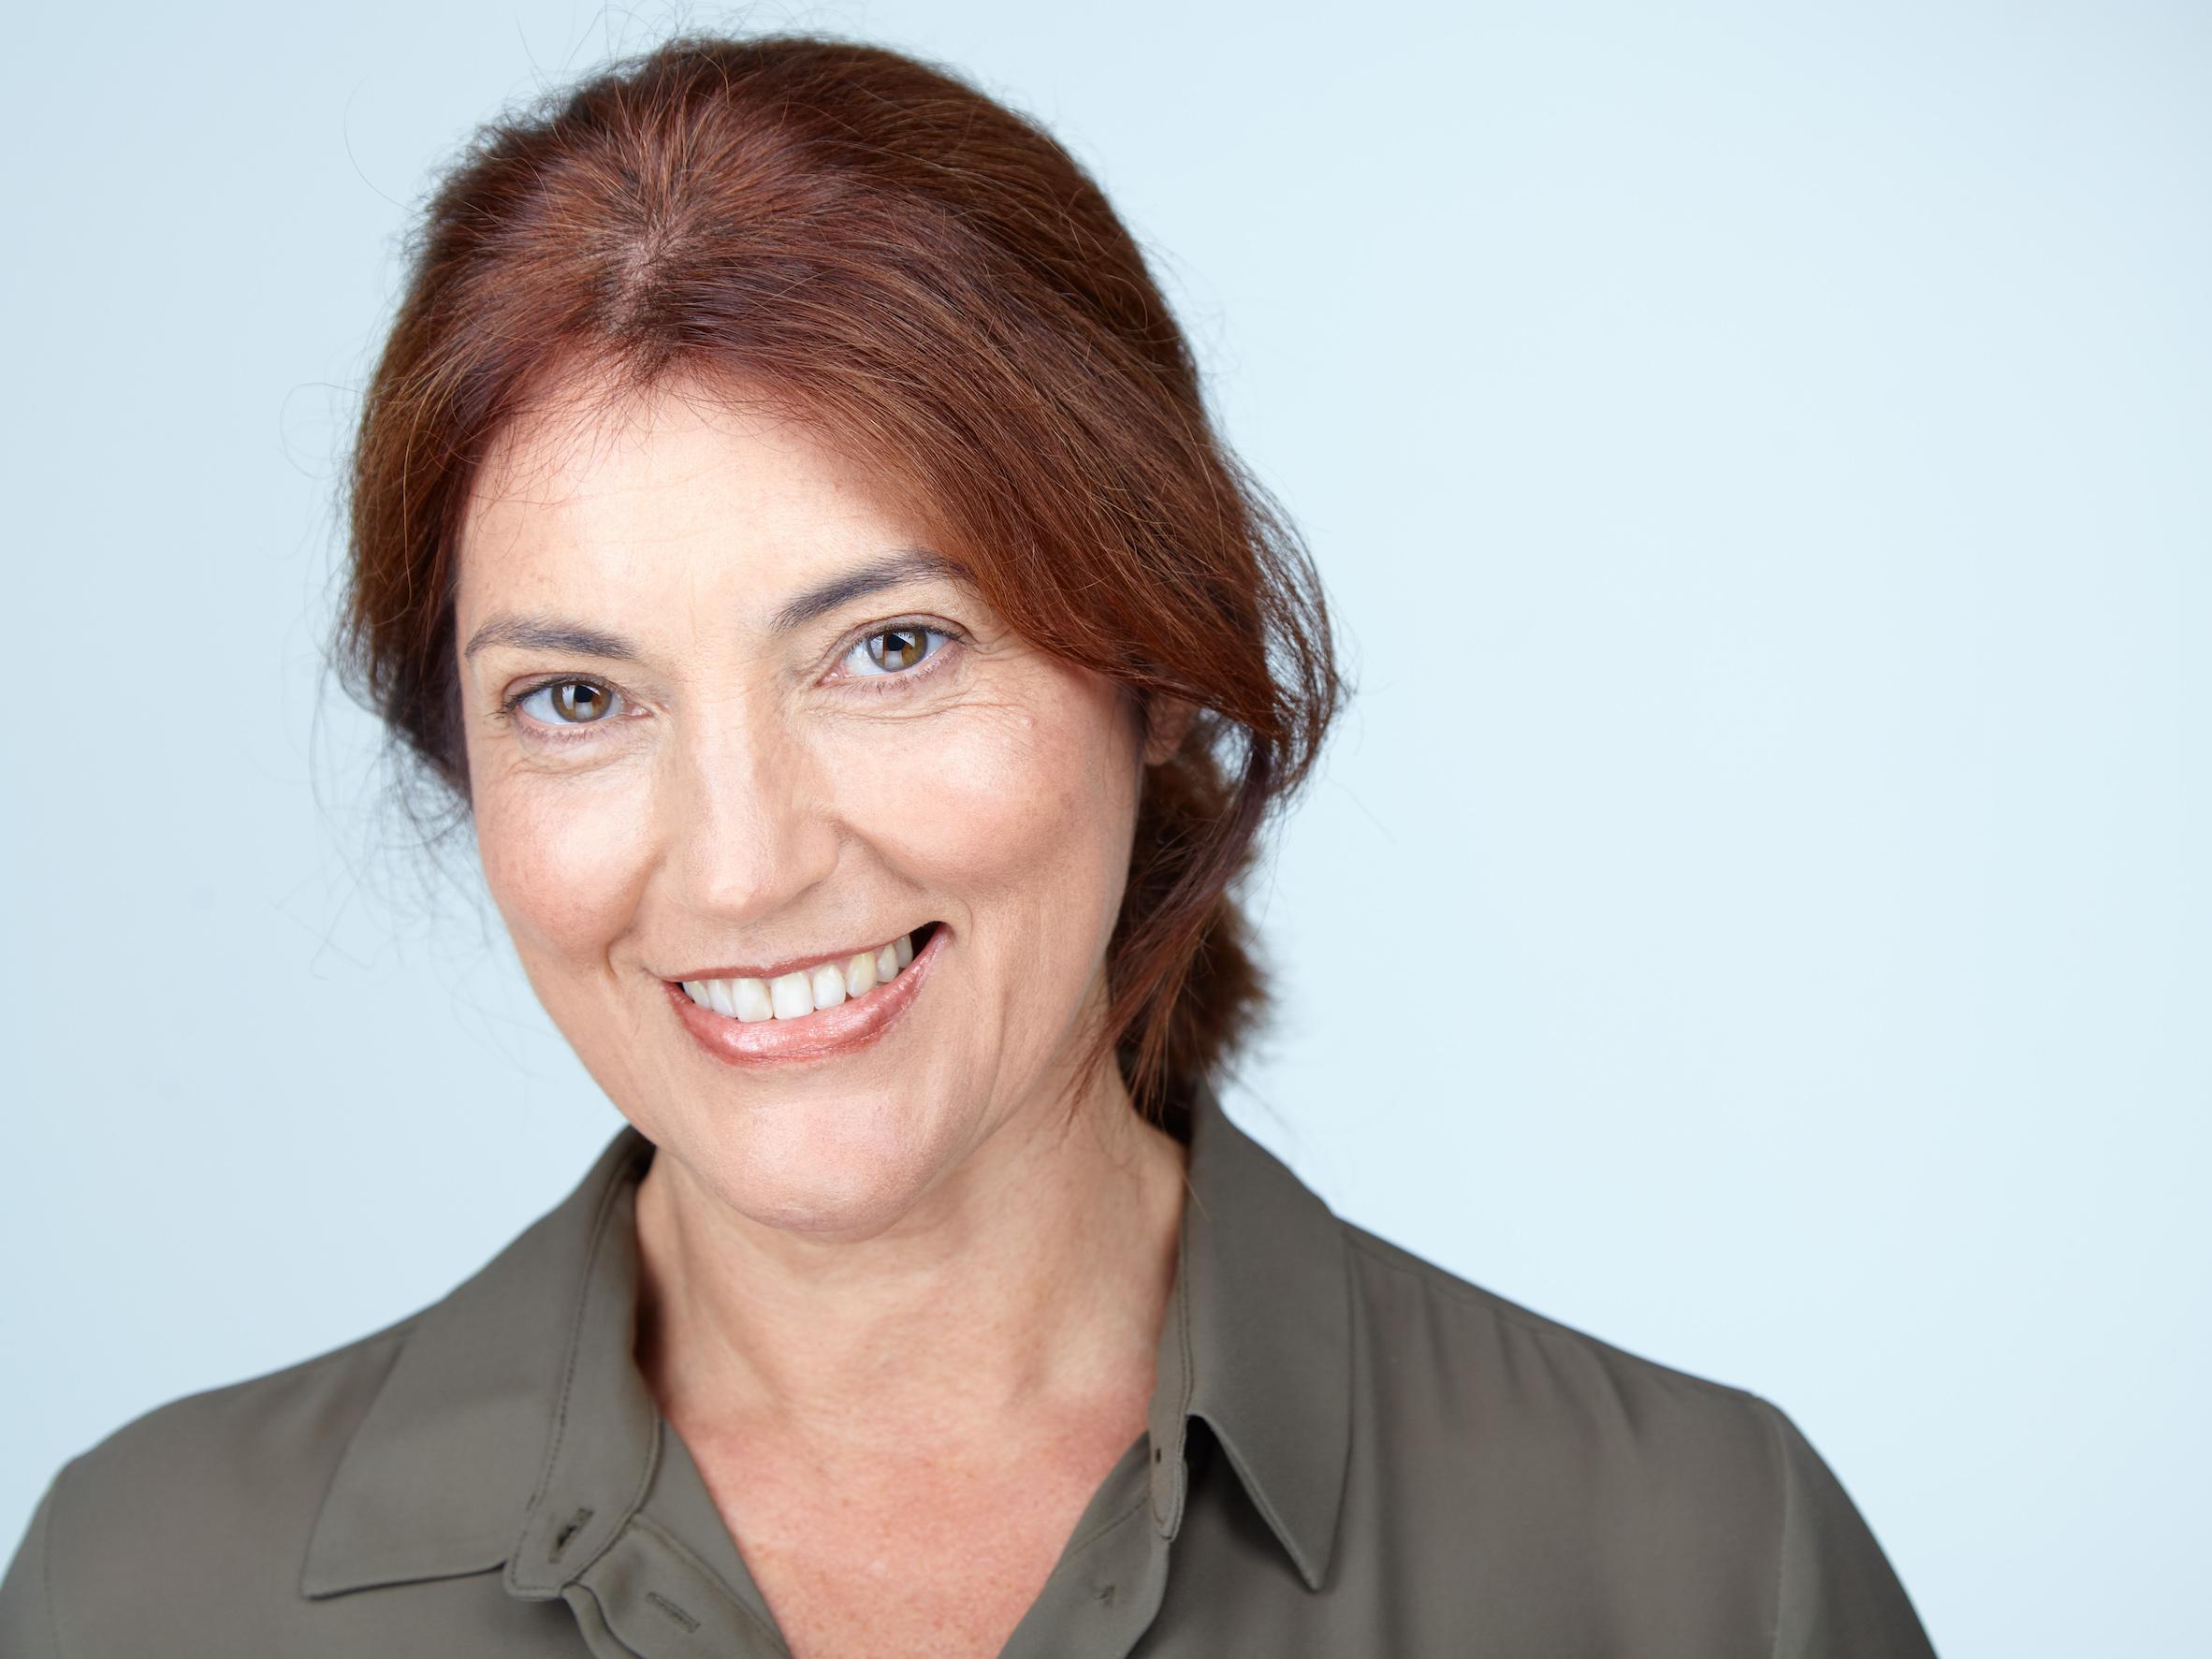 Maria Catita